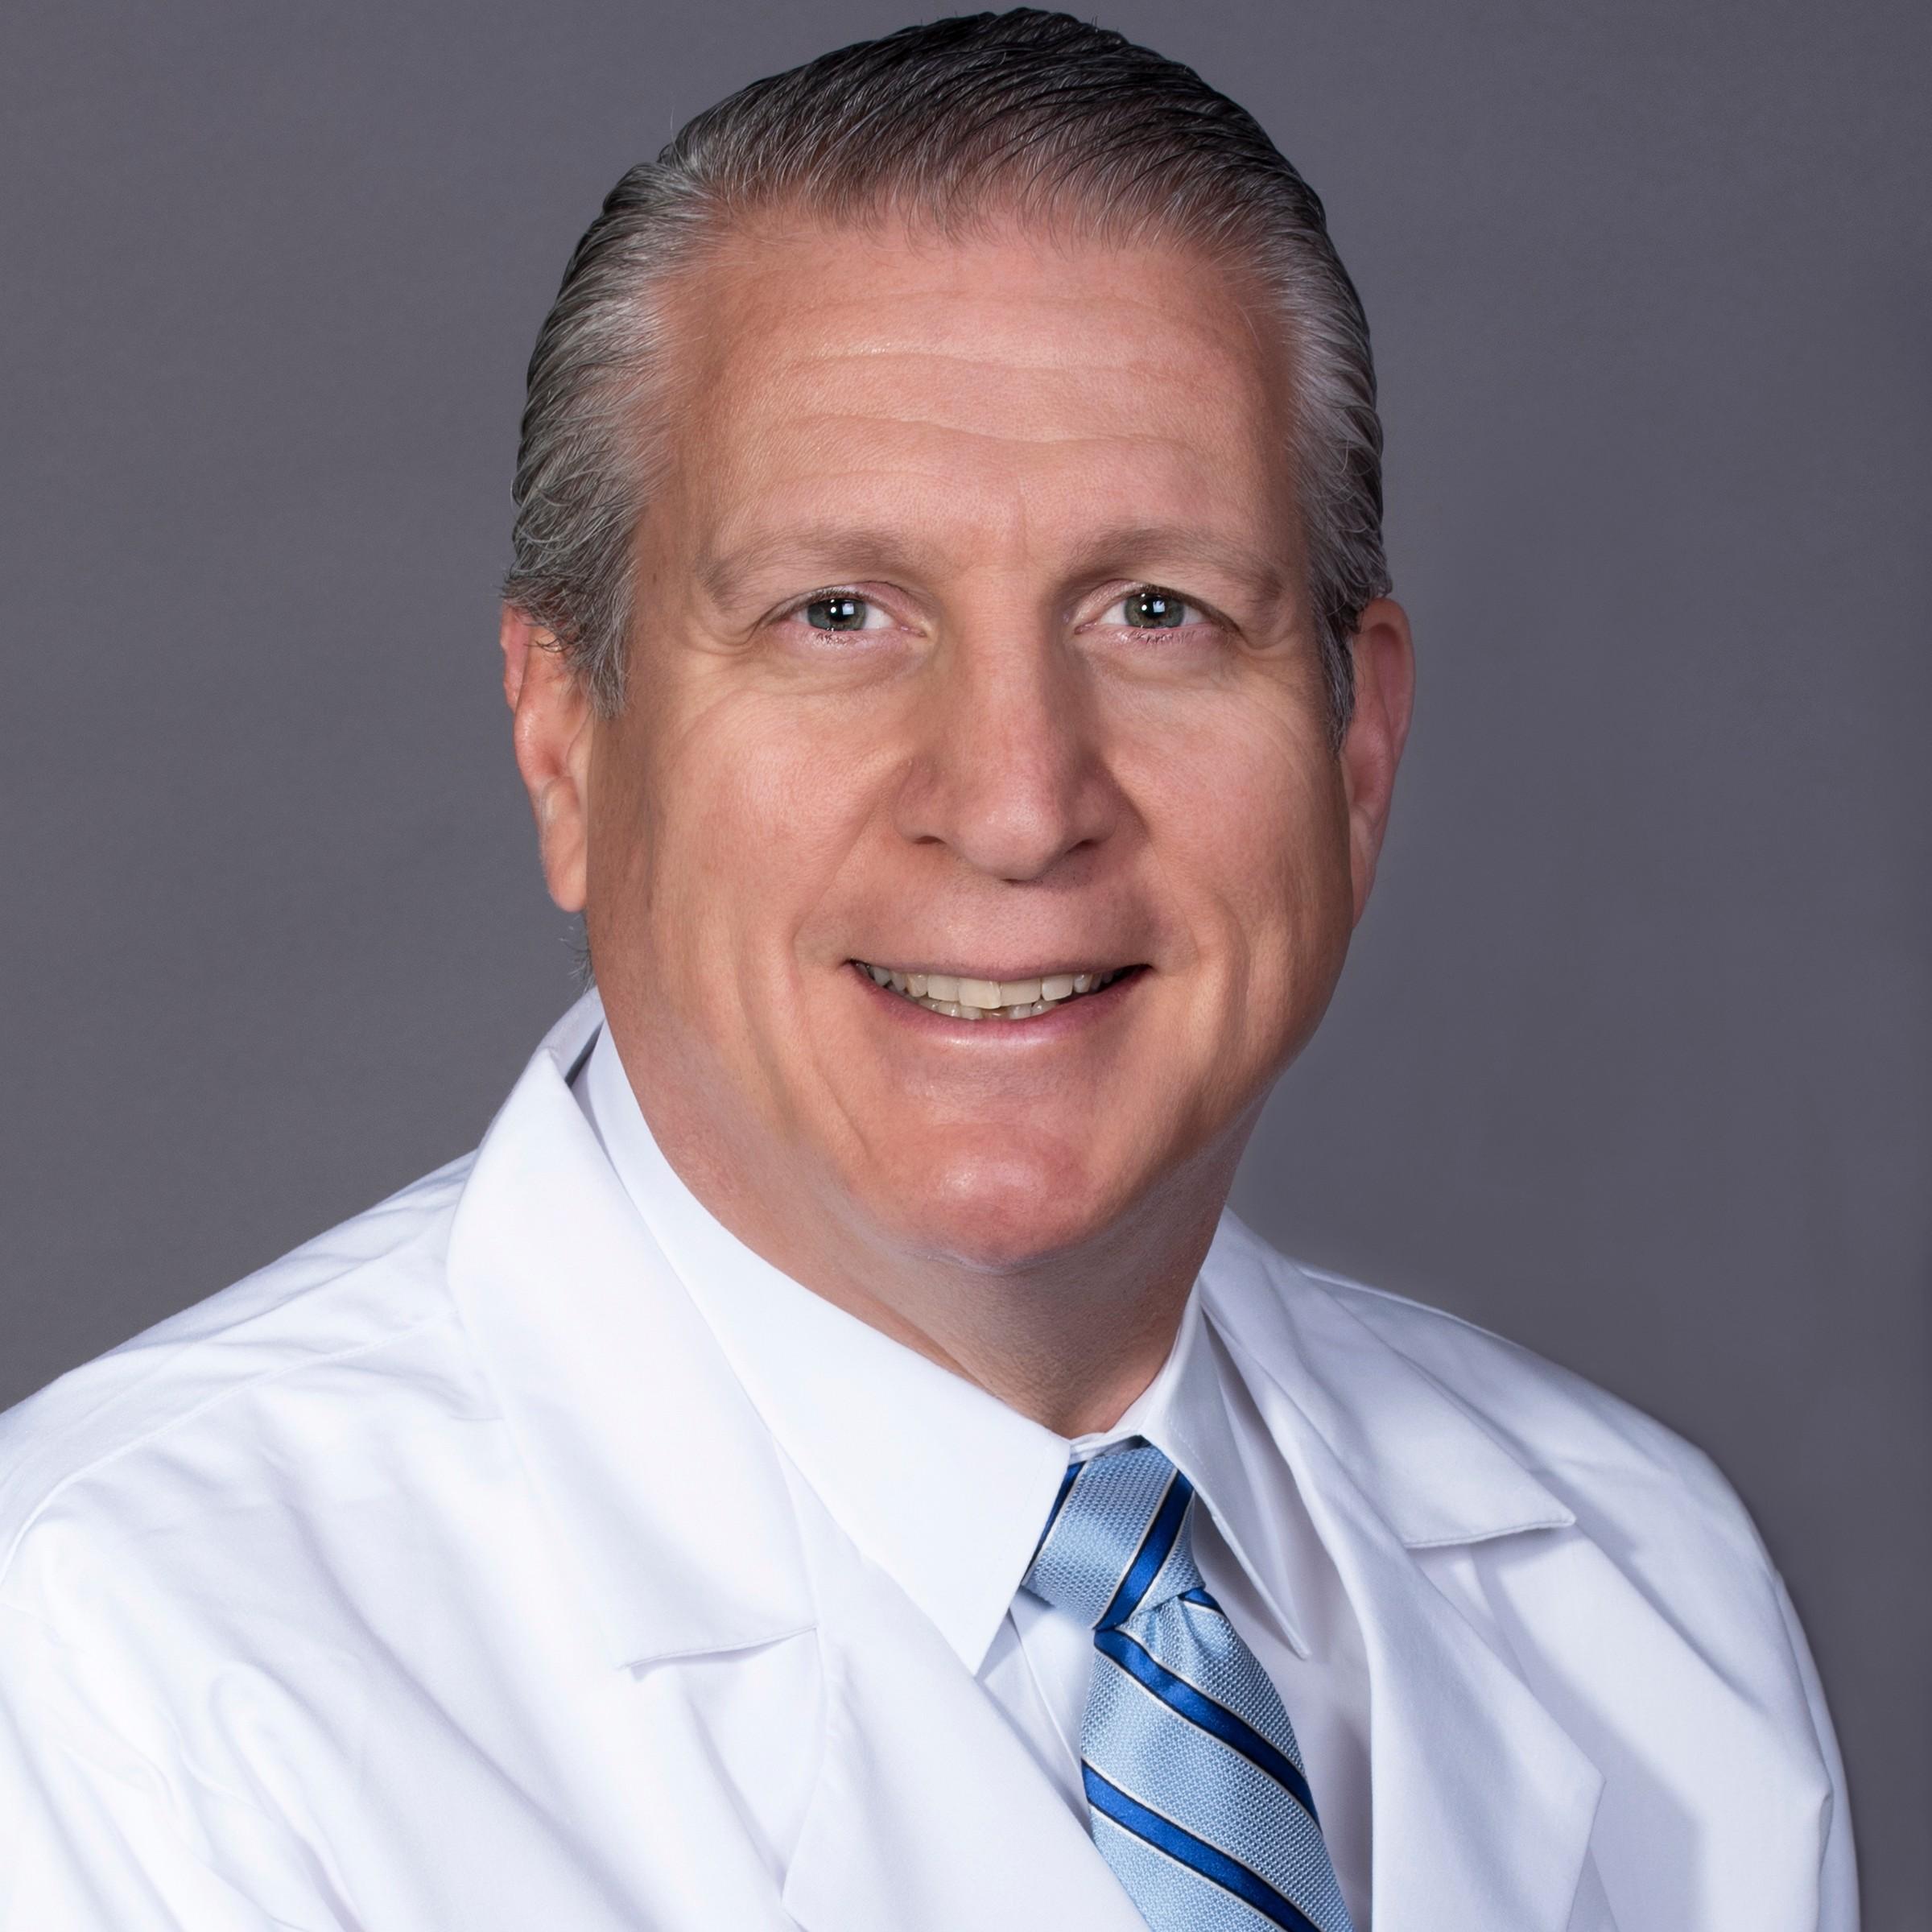 Image For Dr. Ernest G Megdanis DPM